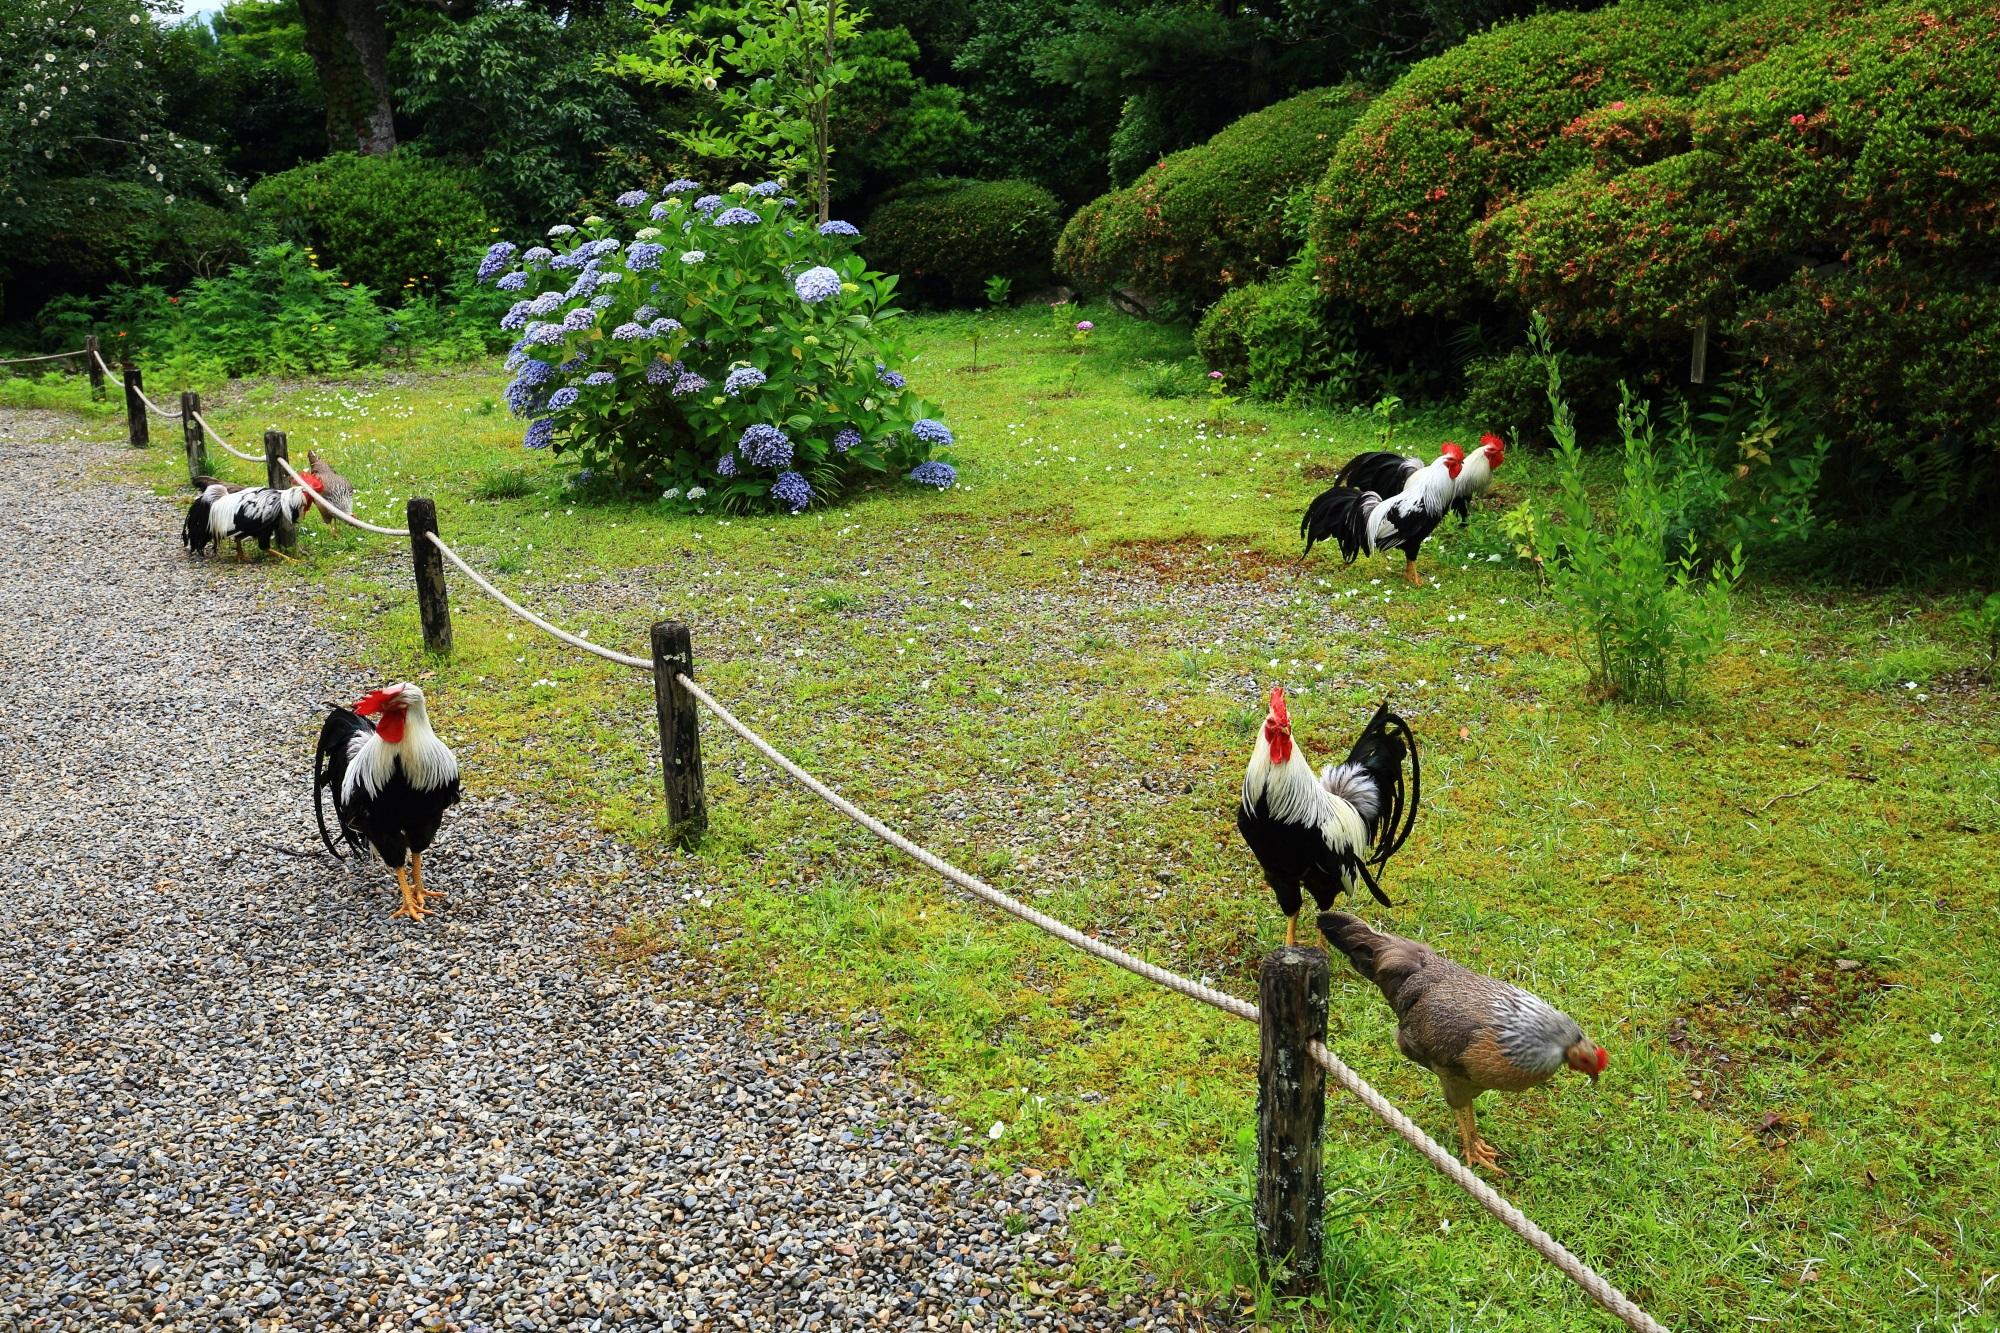 知らずに行けばびっくりする福知山の丹州観音寺にいるたくさんの鶏